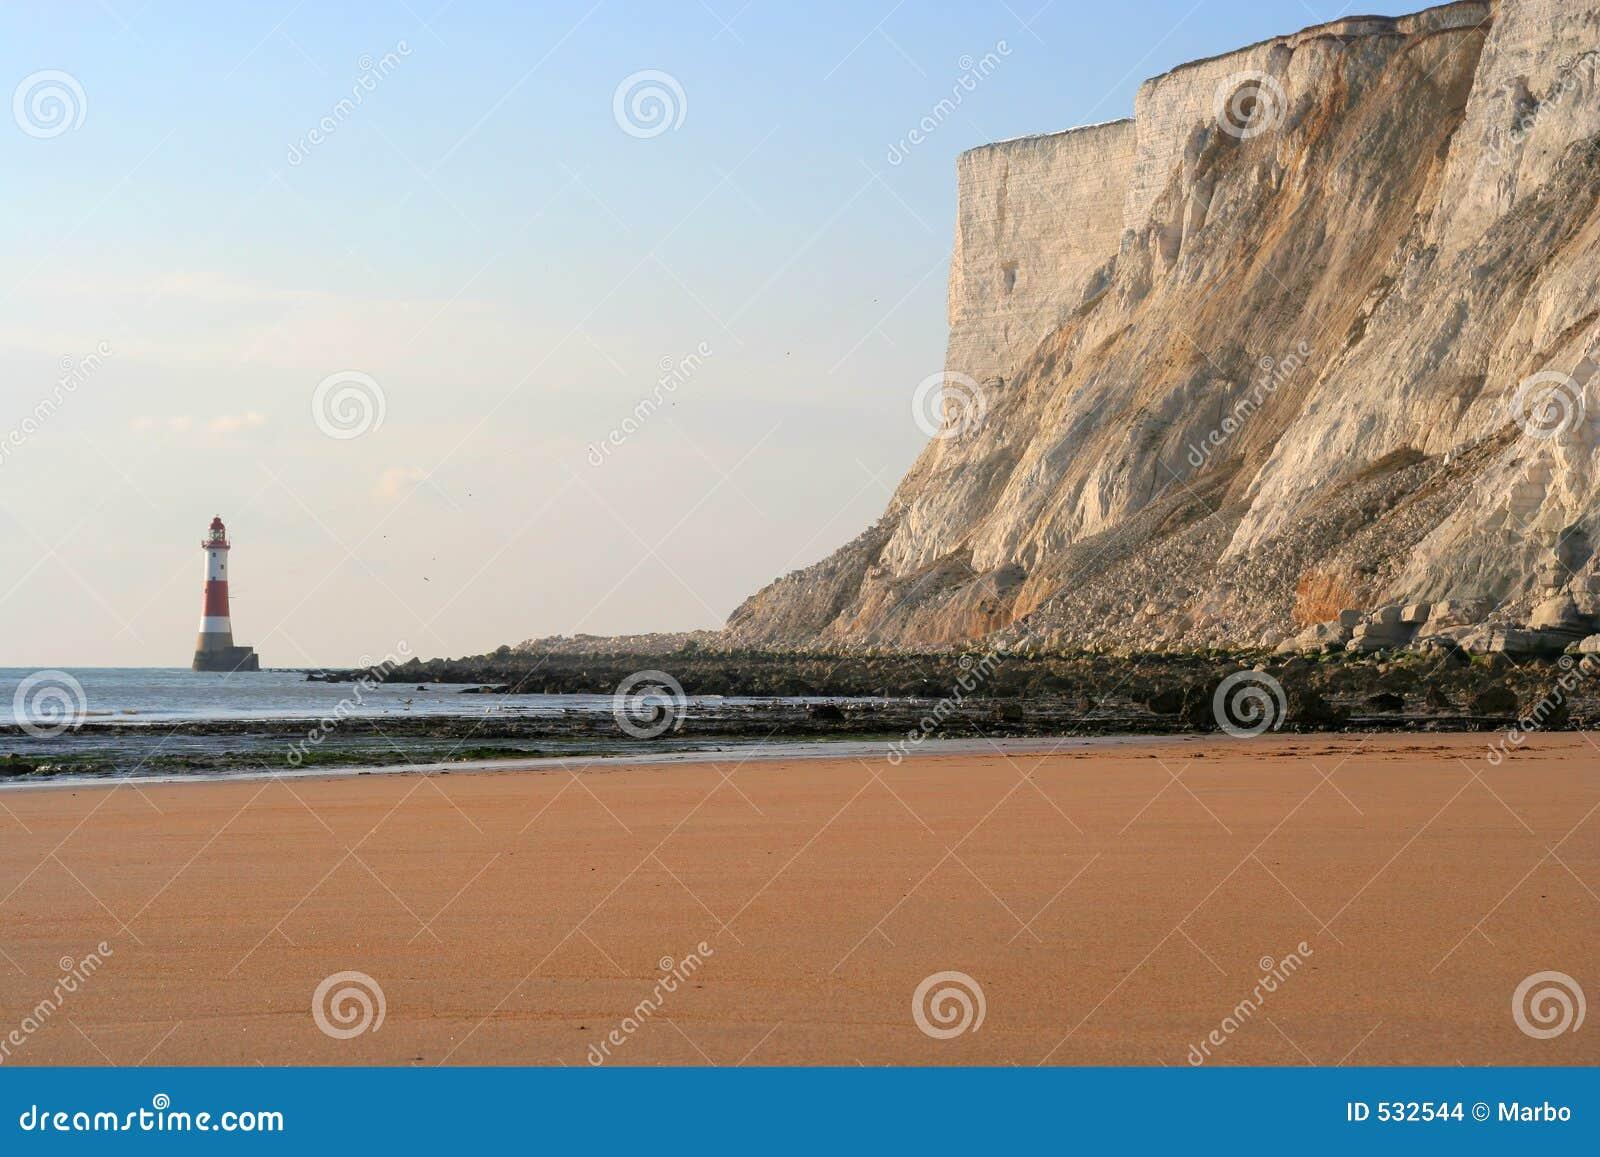 Download 灯塔 库存照片. 图片 包括有 警告, 含沙, 海岸线, 海运, 沙子, 英国, 峭壁, 海岸, 空白, 岩石 - 532544